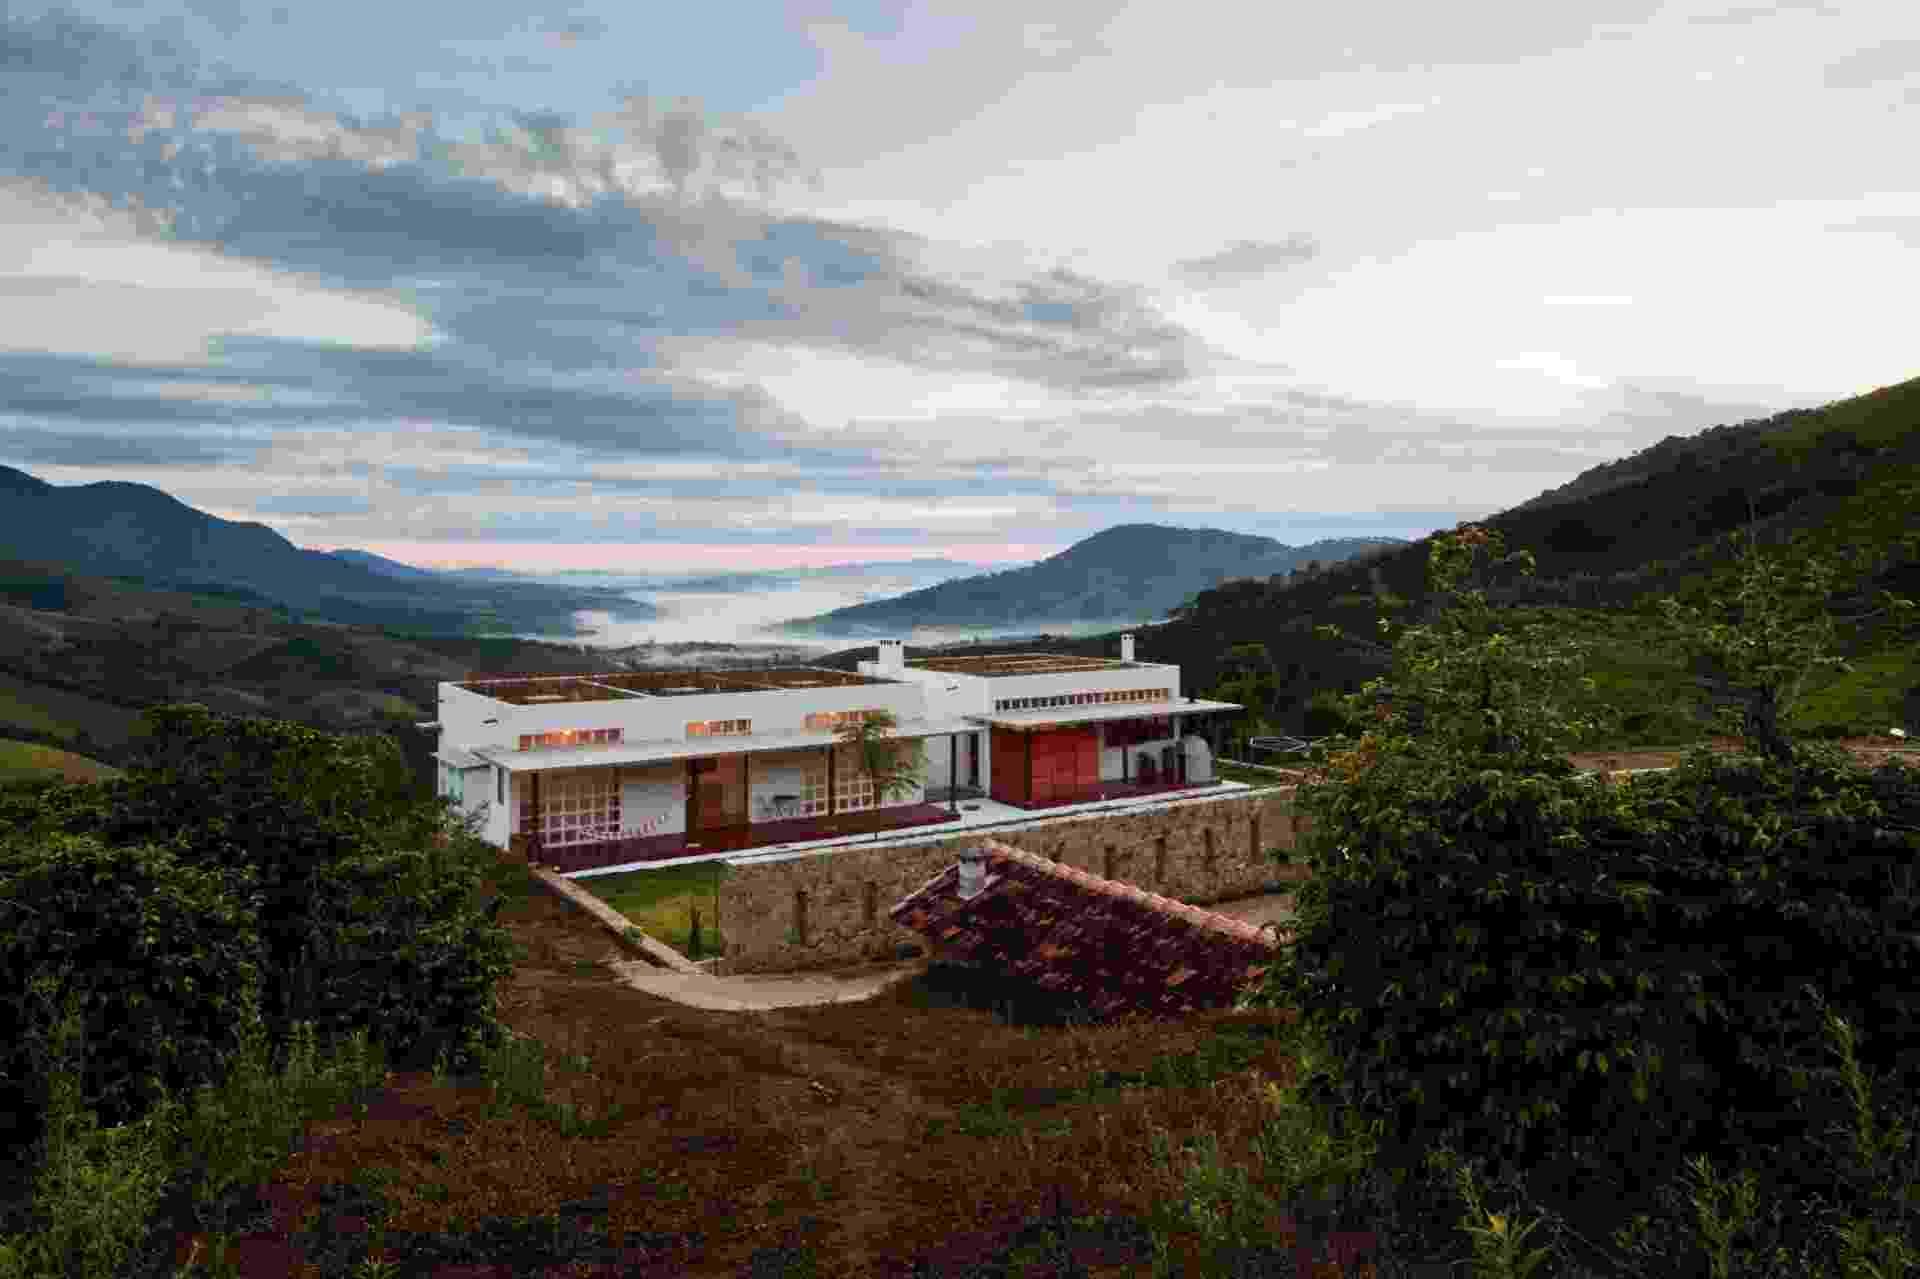 Na casa Dom Viçoso, com projeto do arquiteto Marcelo Ferraz, o espaço da cobertura - com laje plana de concreto e vigamento invertido - recebeu terra e vegetação. O muro de concreto ciclópico com aberturas delimita os espaços da casa-sede e da de hóspedes - Nelson Kon/ UOL